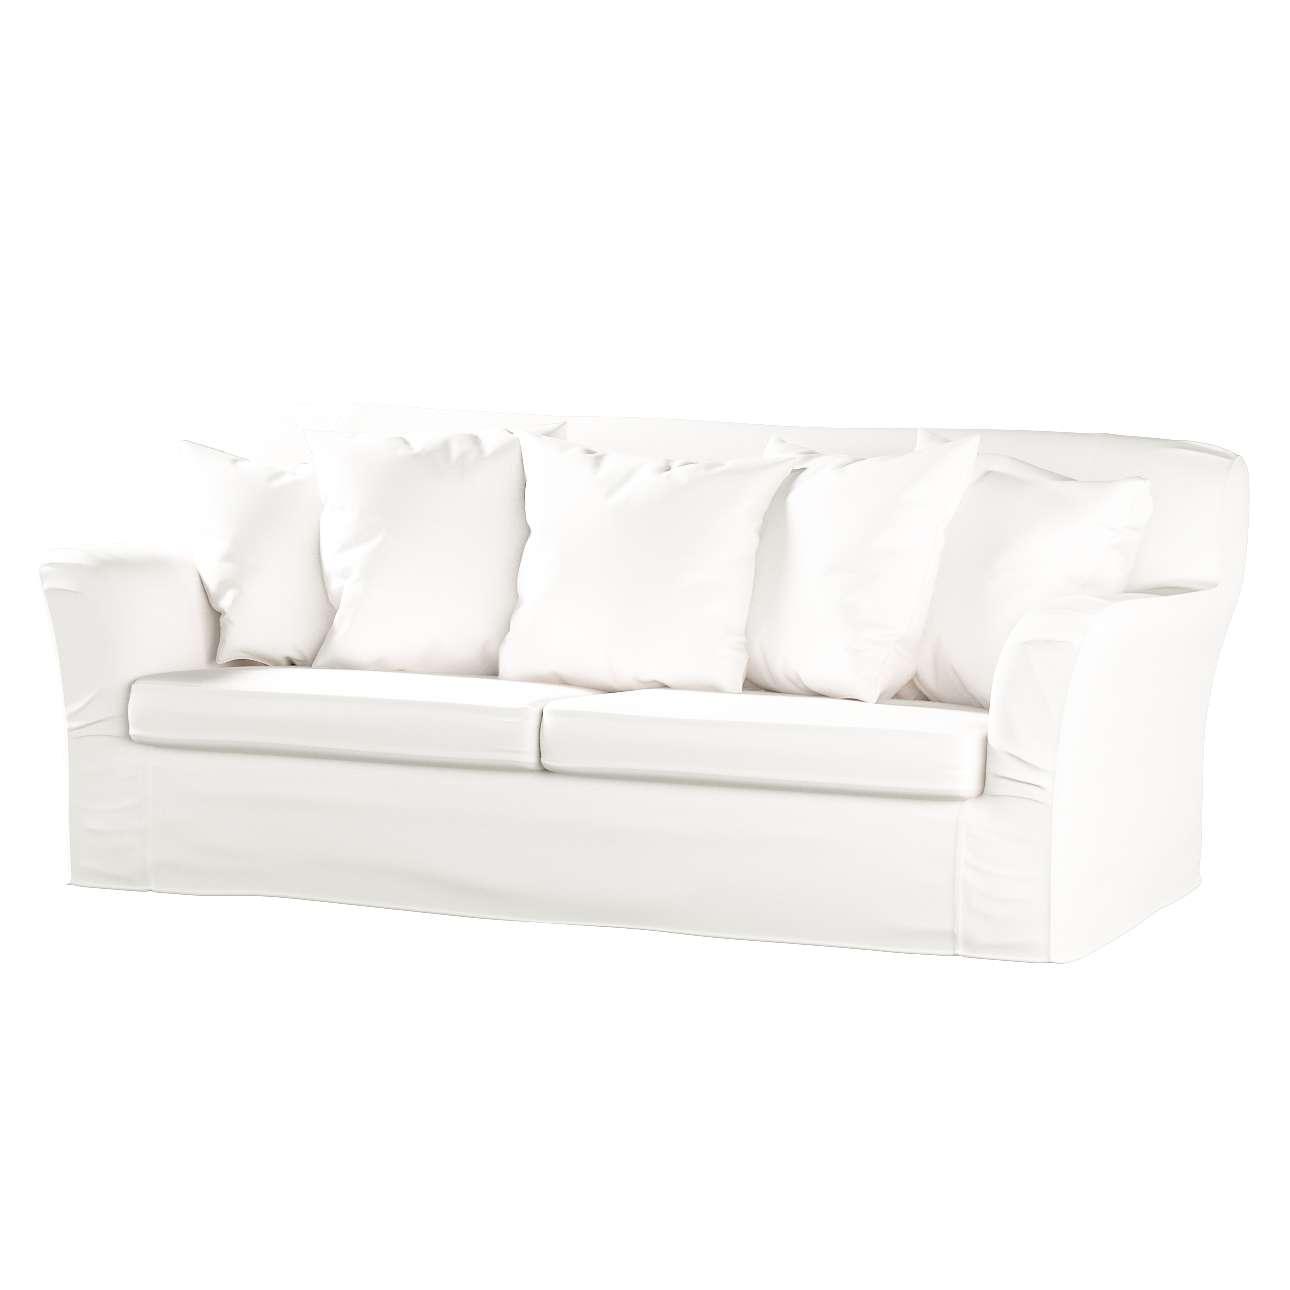 Pokrowiec na sofę Tomelilla 3-osobową rozkładaną w kolekcji Cotton Panama, tkanina: 702-34